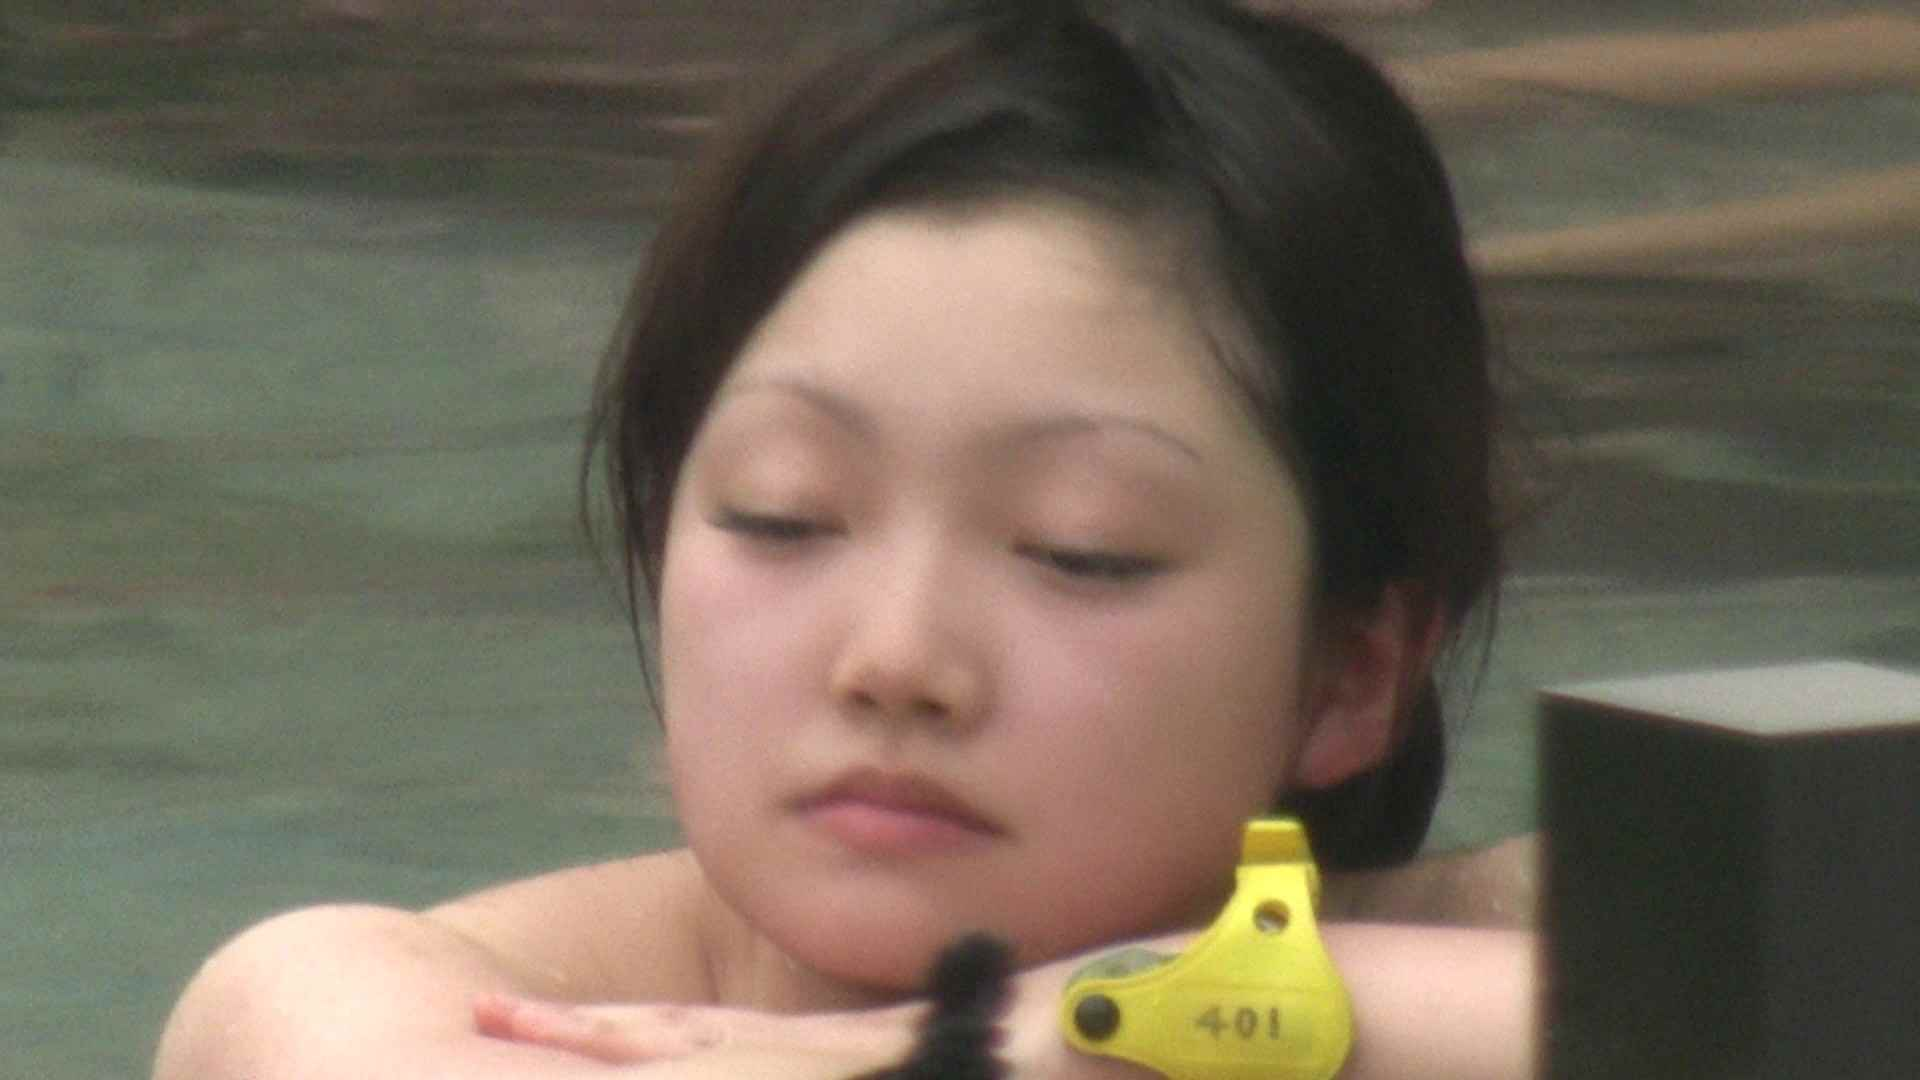 Aquaな露天風呂Vol.126 OLのエロ生活 戯れ無修正画像 72連発 23